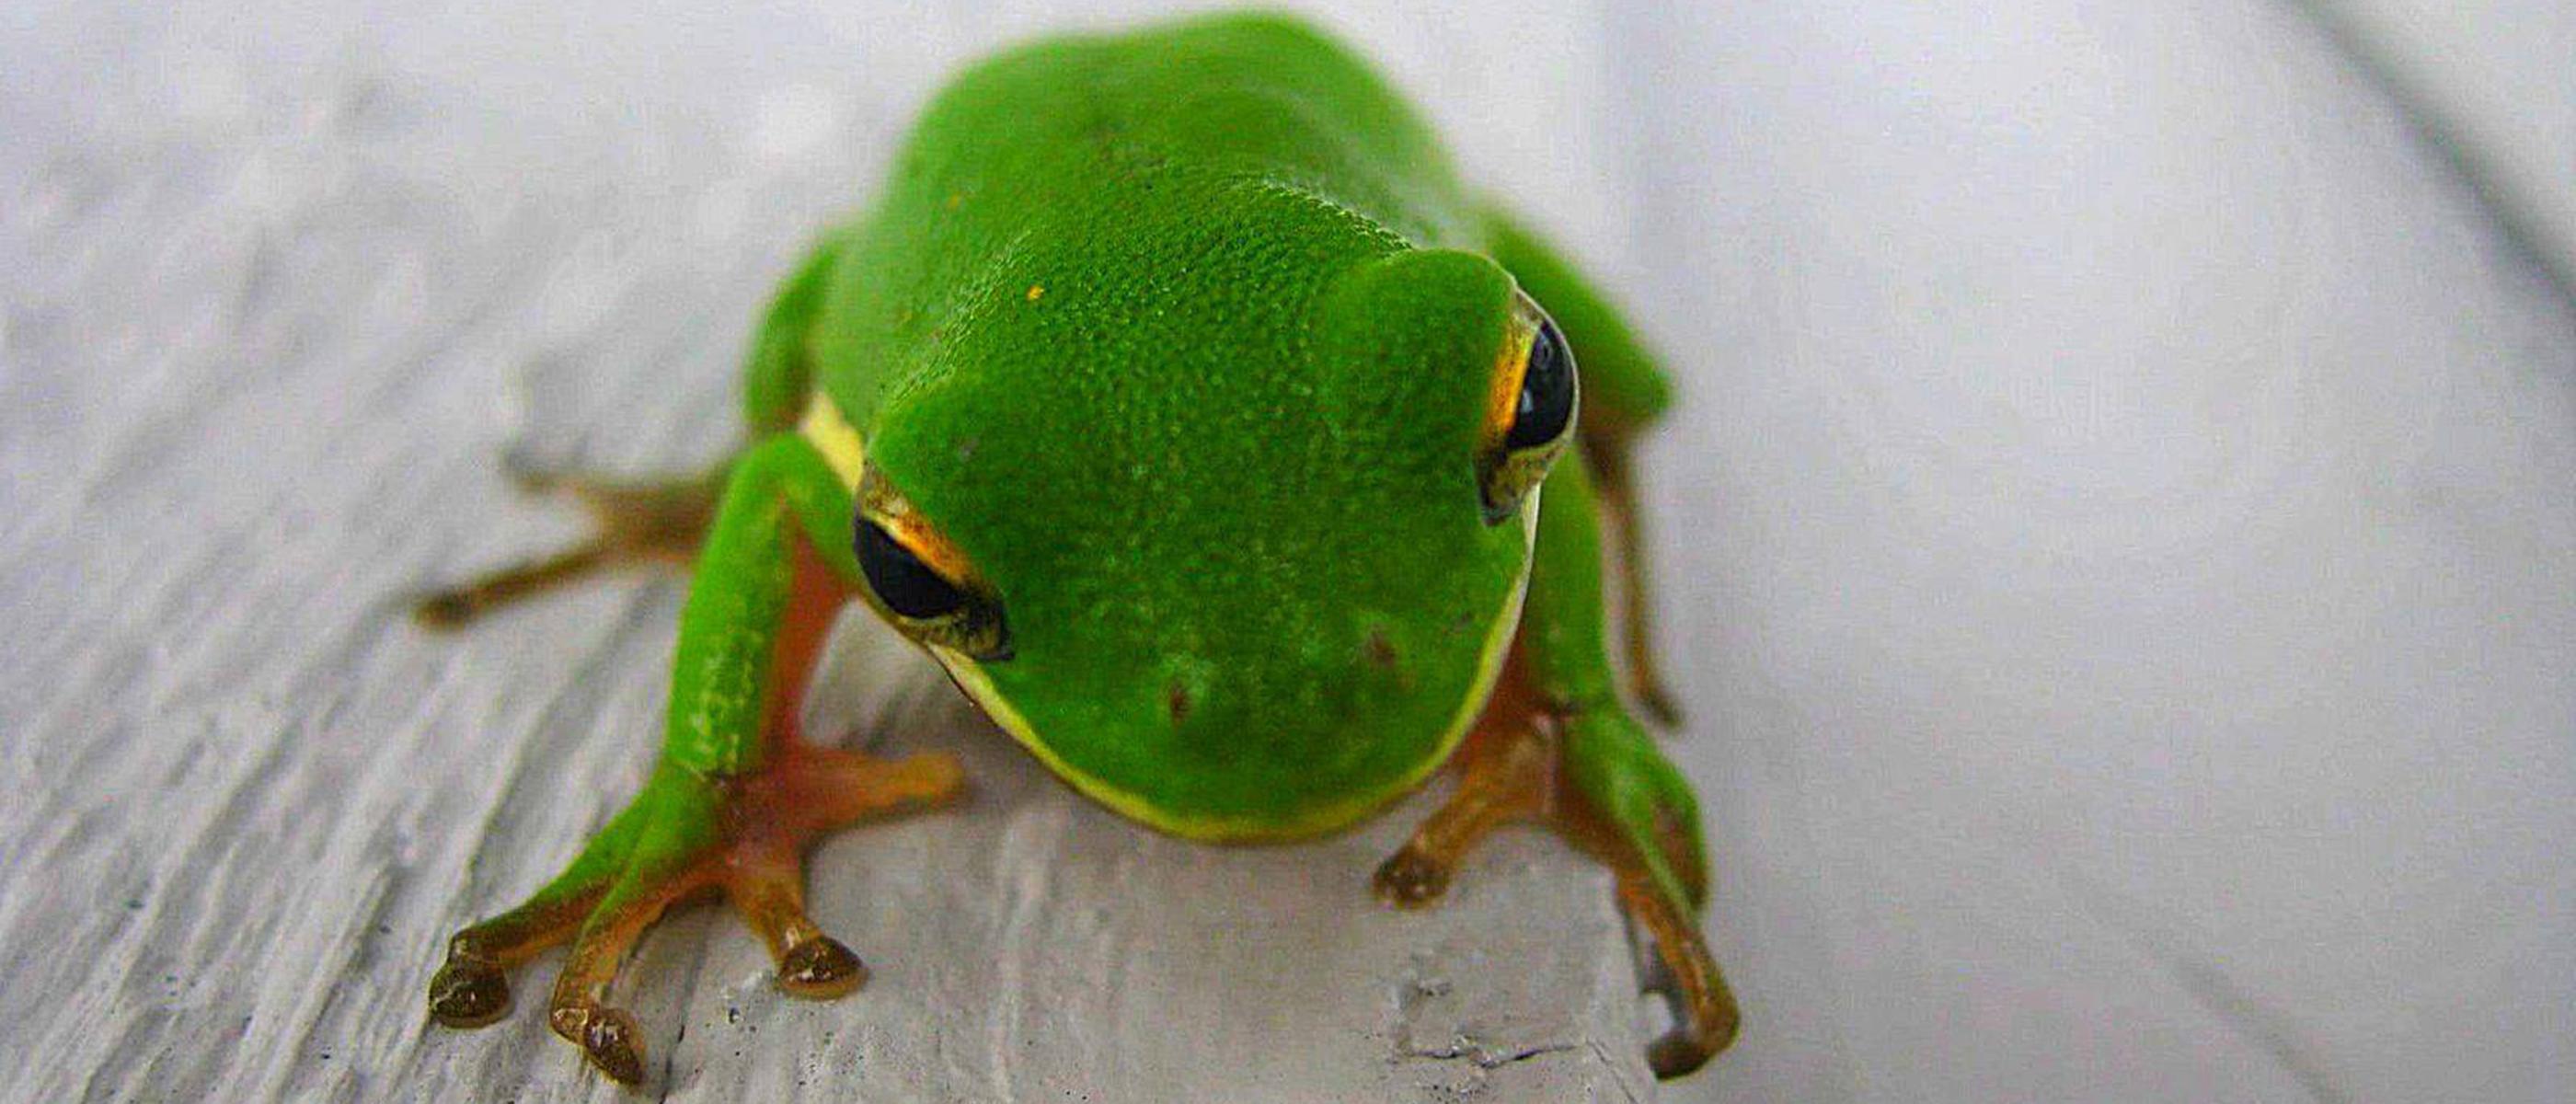 frog_crop2